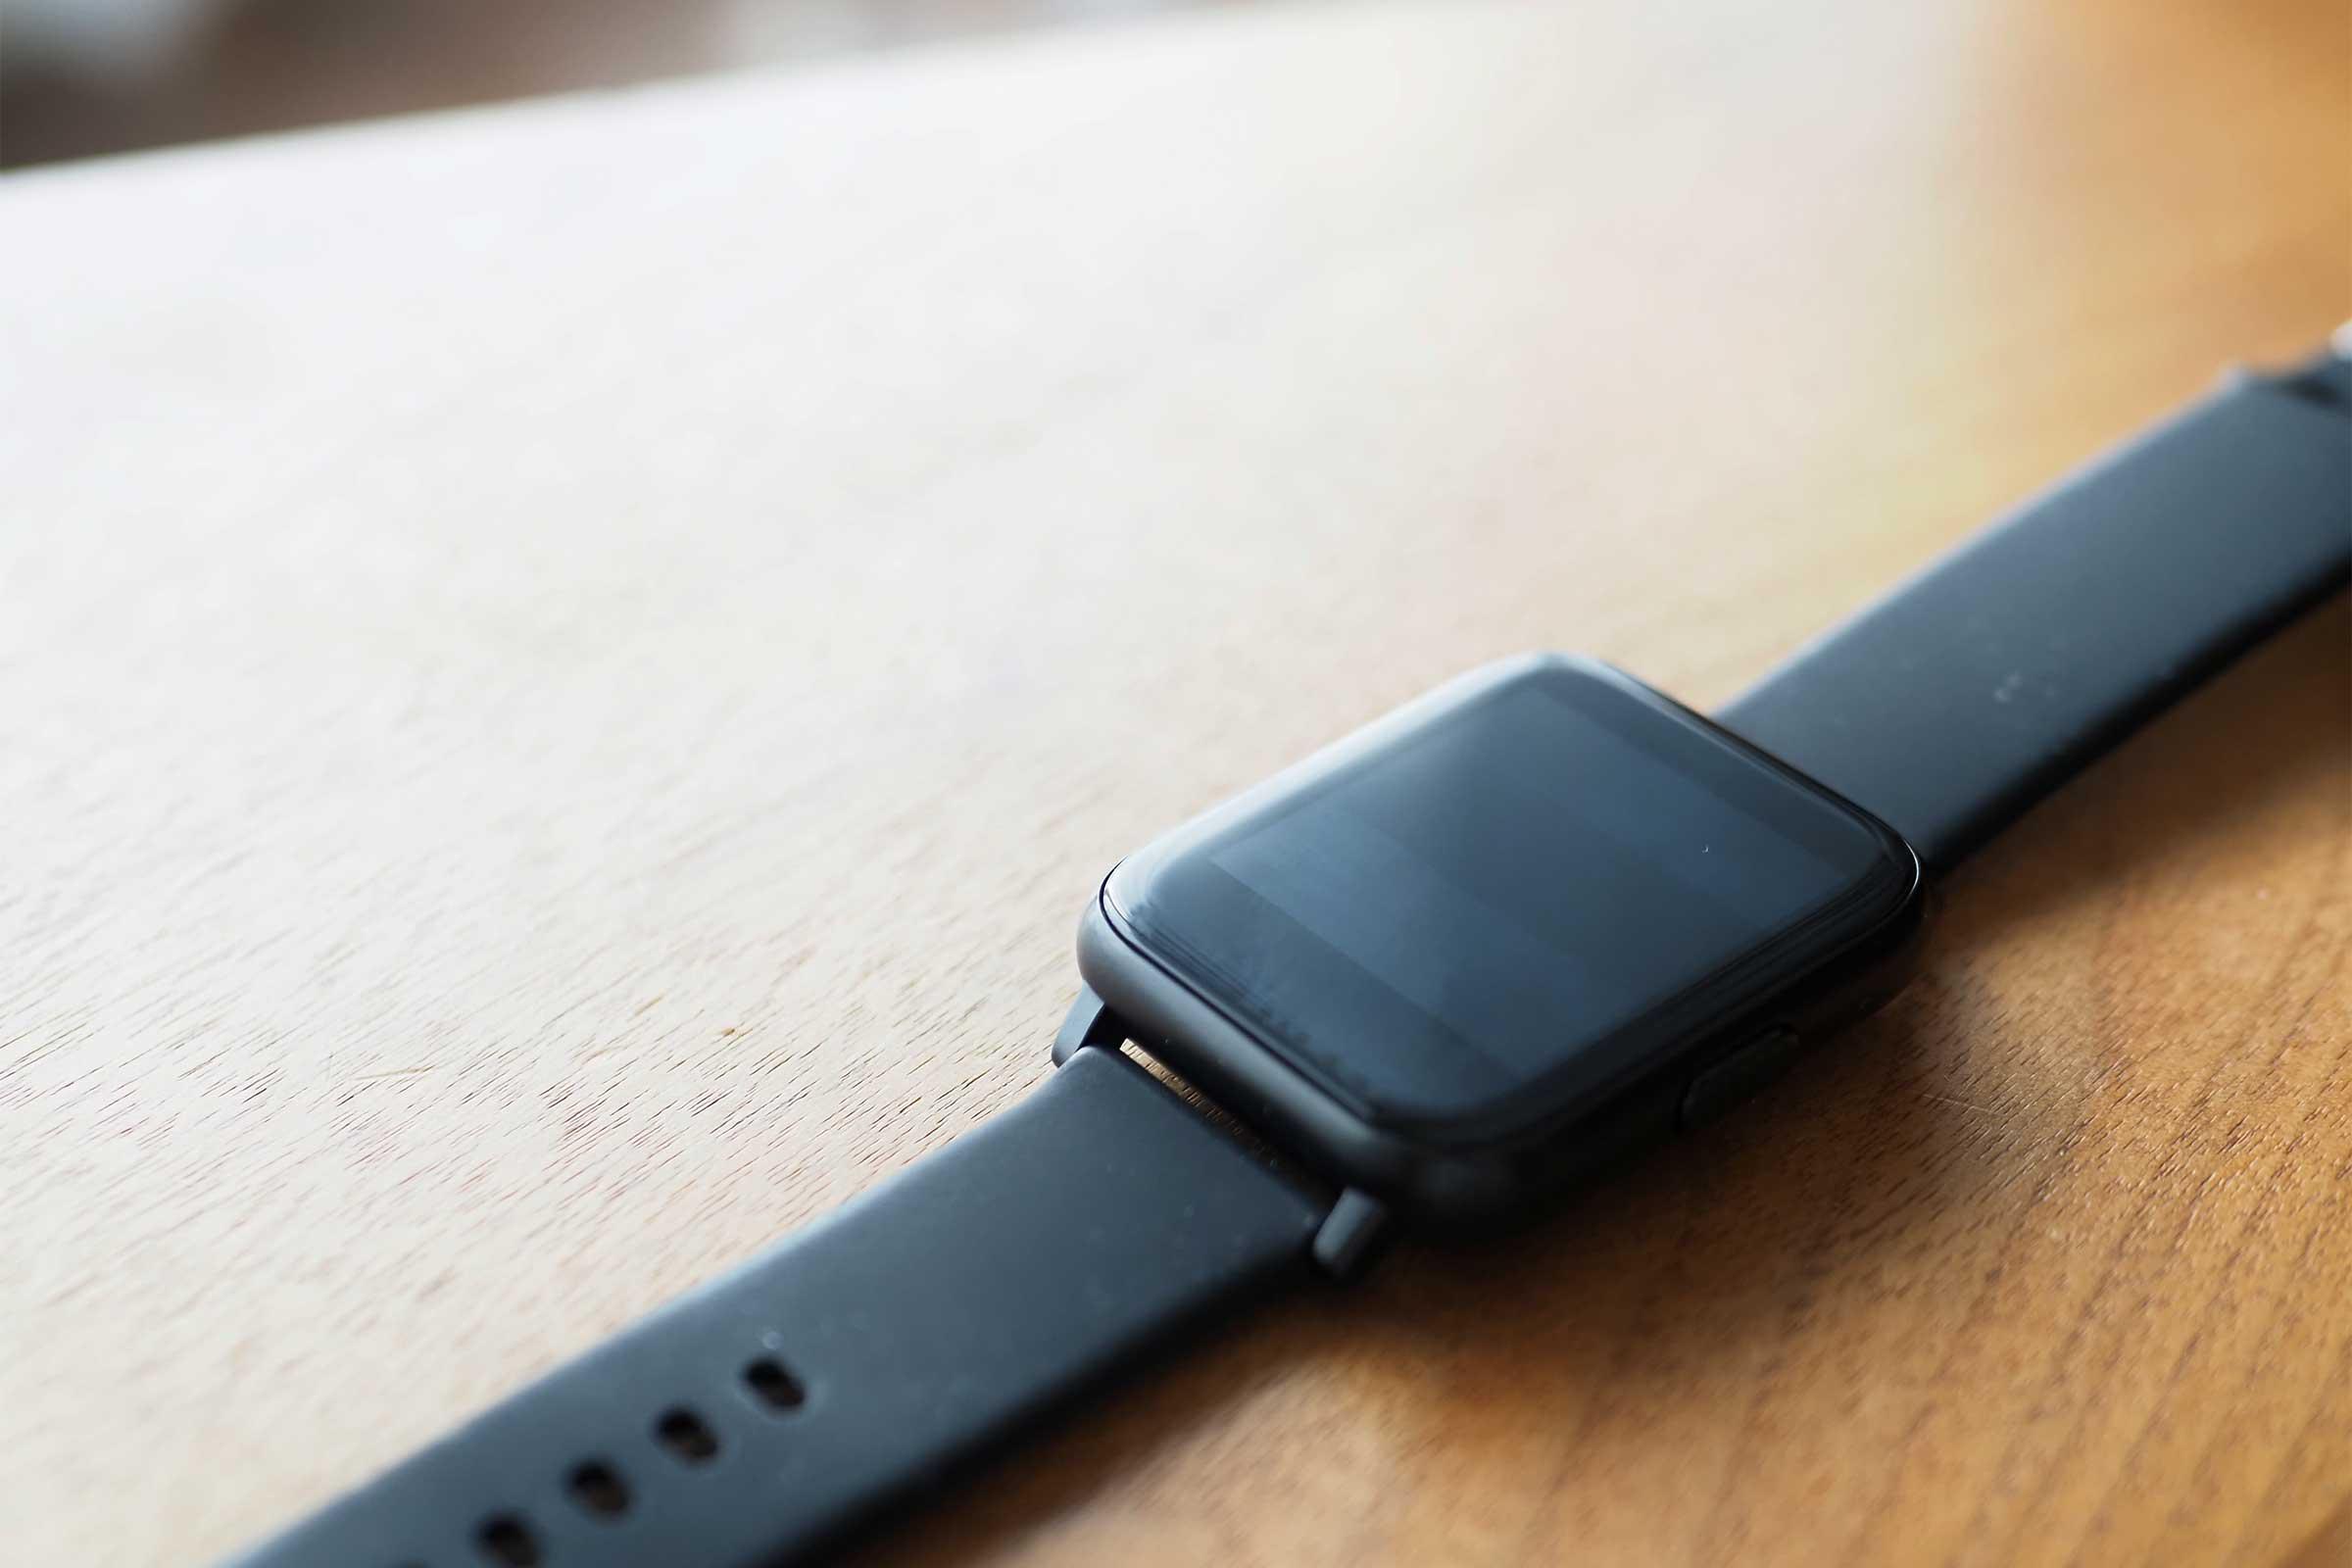 スマートウォッチ,Apple Watch,apple,高機能,安い,中華,おしゃれ